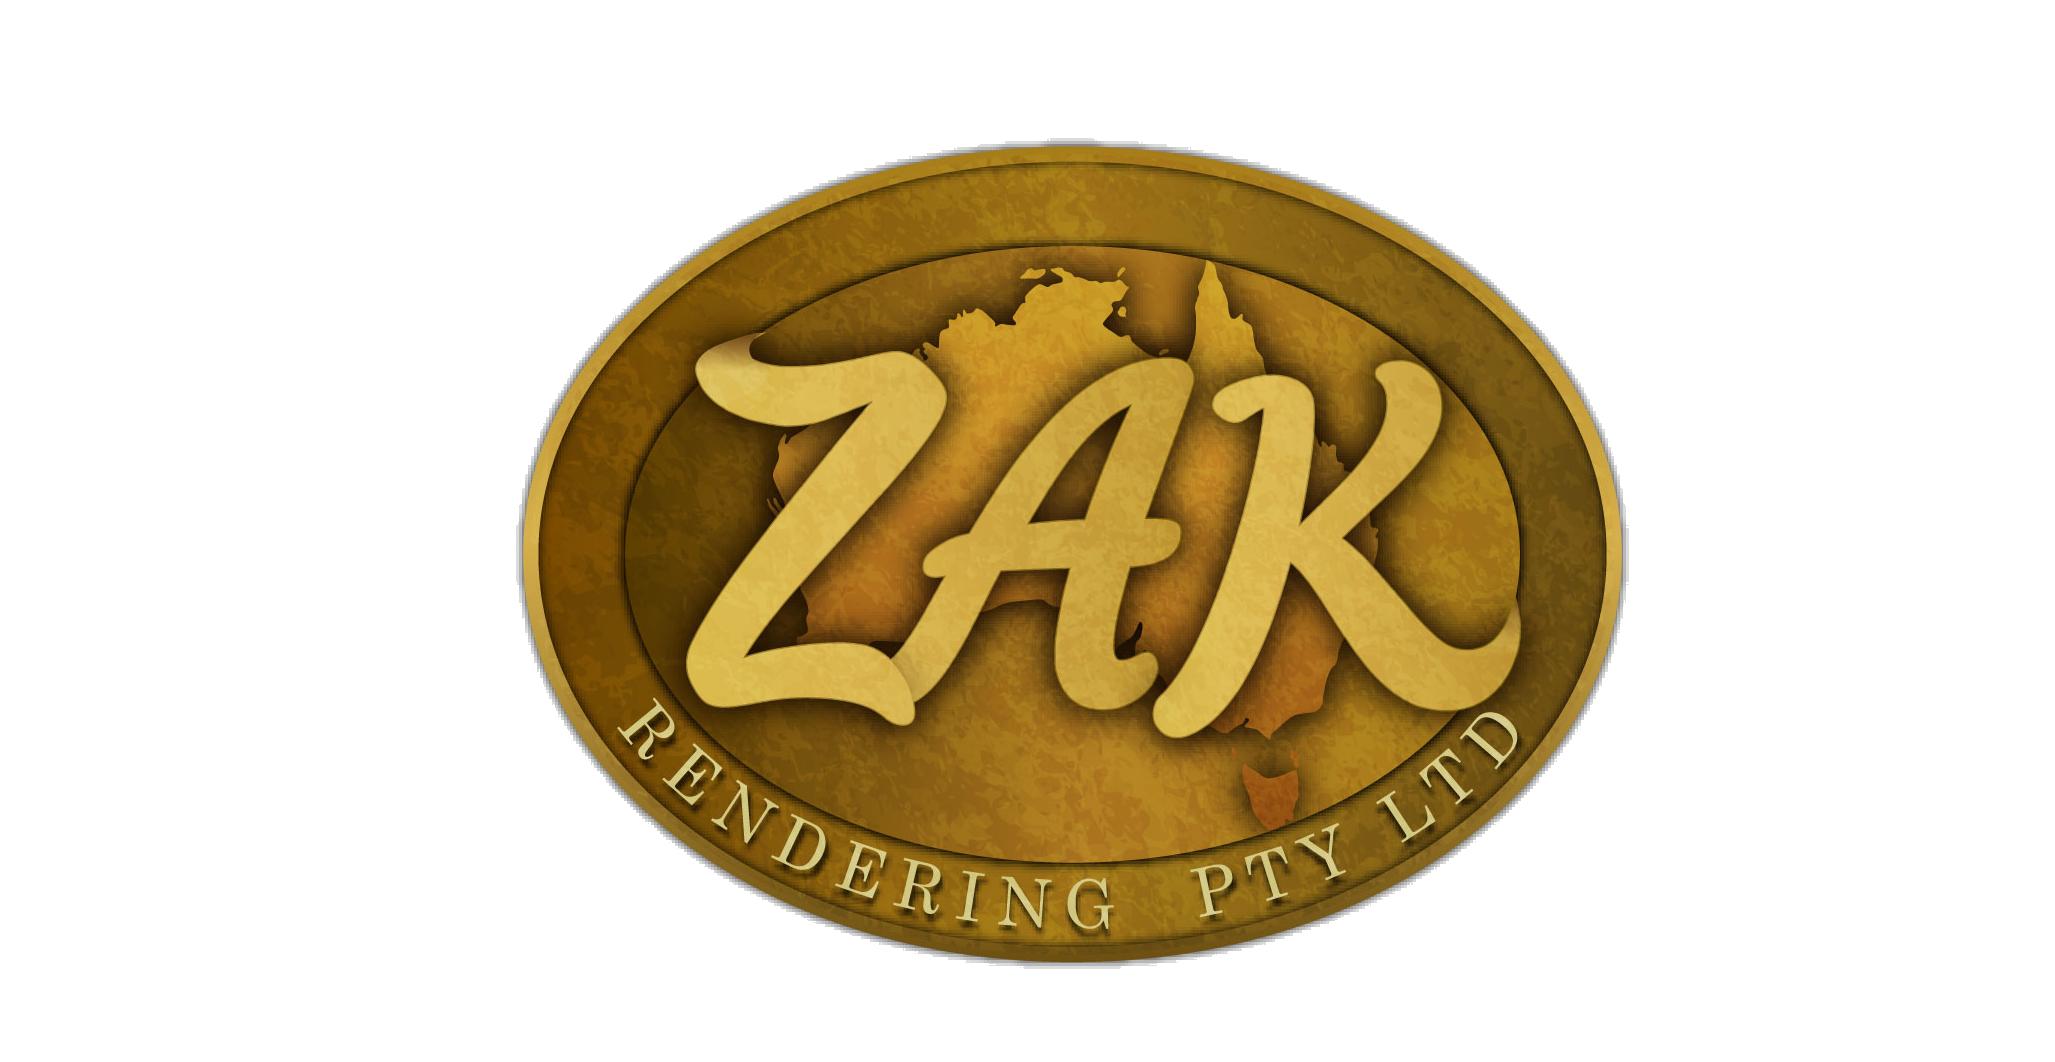 Zak Rendering